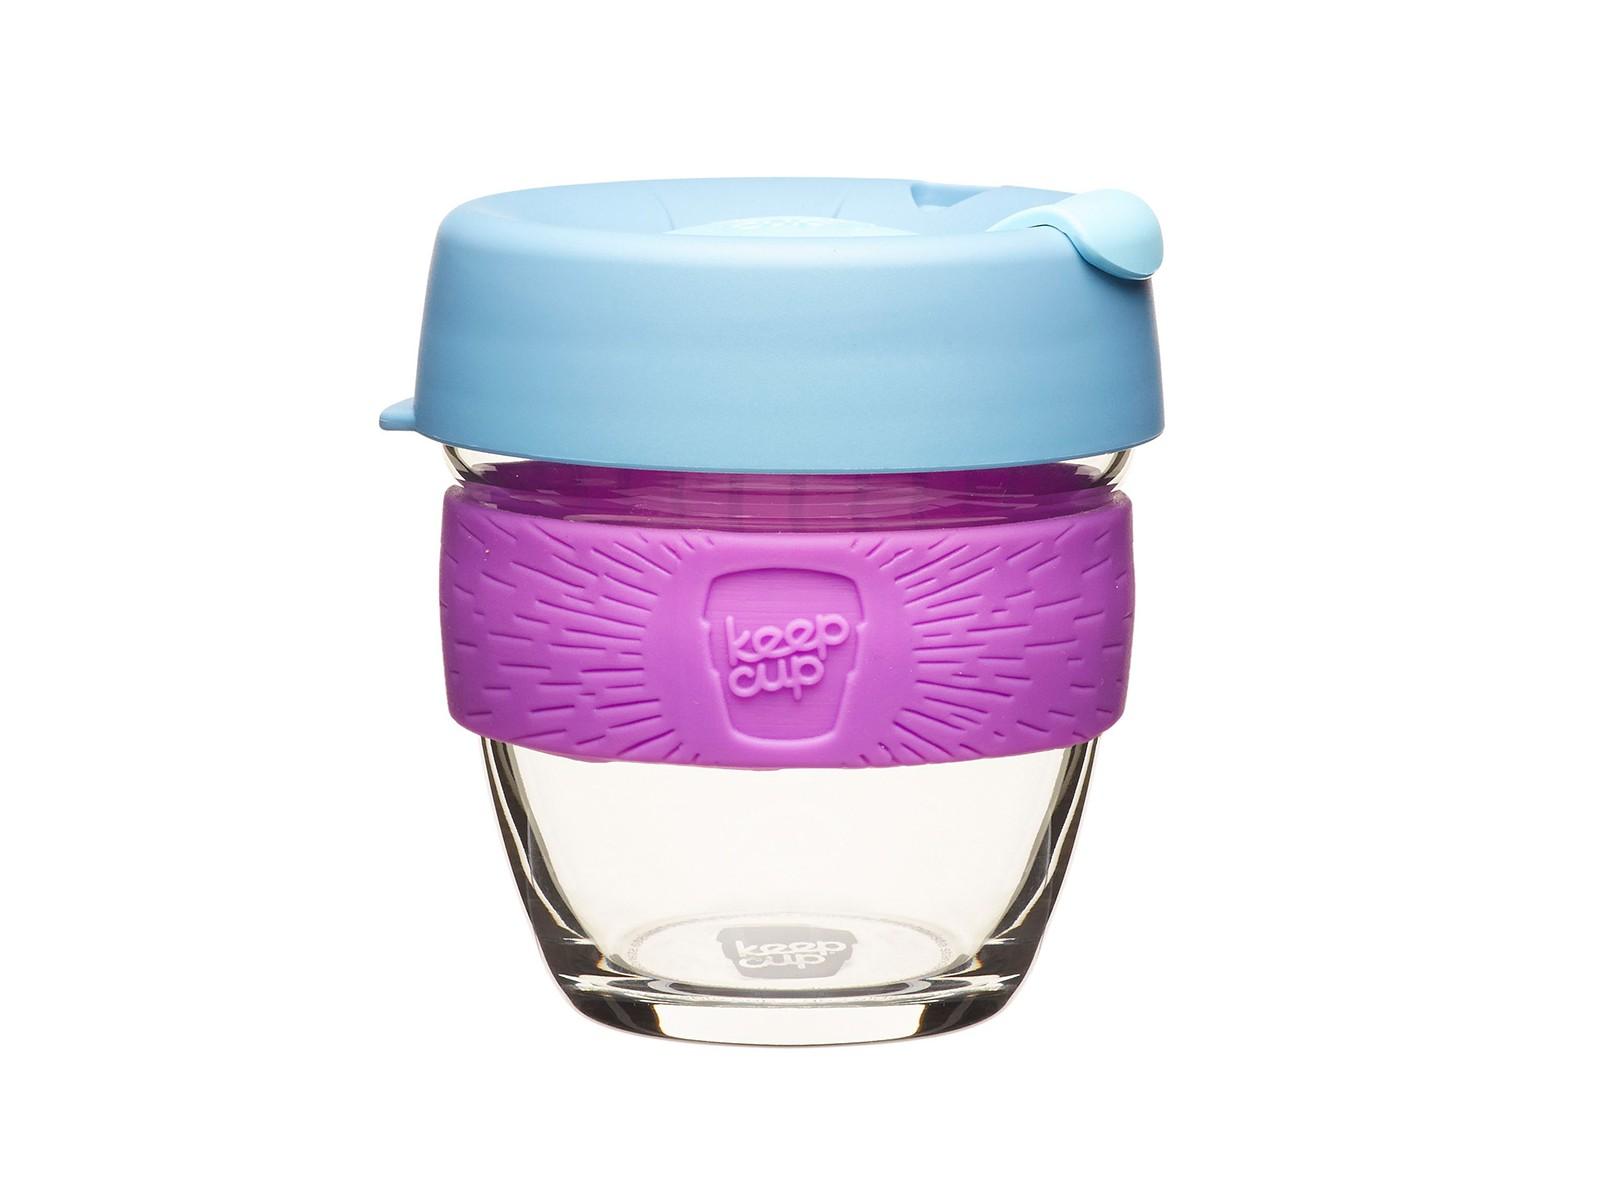 Кружка keepcup lavenderЧайные пары, чашки и кружки<br>Главная идея KeepCup – вдохновить любителей кофе отказаться от использования одноразовых бумажных и пластиковых стаканов, так как их производство и утилизация наносят вред окружающей среде. В год производится и выбрасывается около 500 миллиардов одноразовых стаканчиков, а ведь планета у нас всего одна! <br>Но главный плюс кружки  – привлекательный и яркий дизайн, который станет отражением вашего личного стиля. Берите её в кафе или наливайте кофе, чай, сок дома, чтобы взять с собой - пить вкусные напитки на ходу, на работе или на пикнике. Специальная крышка с открывающимся и закрывающимся клапаном спасет от брызг, а силиконовый ободок поможет не обжечься (плюс, удобно держать кружку в руках.<br>Крышка сделана из нетоксичного пластика без содержания вредного бисфенола (BPA-free). Корпус - из закаленного стекла, устойчивого к термическому и механическому воздействию. Разработана и произведена в Австралии.&amp;lt;div&amp;gt;&amp;lt;br&amp;gt;&amp;lt;/div&amp;gt;&amp;lt;div&amp;gt;Объем: 227 мл.&amp;lt;br&amp;gt;&amp;lt;/div&amp;gt;<br><br>Material: Стекло<br>Height см: 11<br>Diameter см: 8